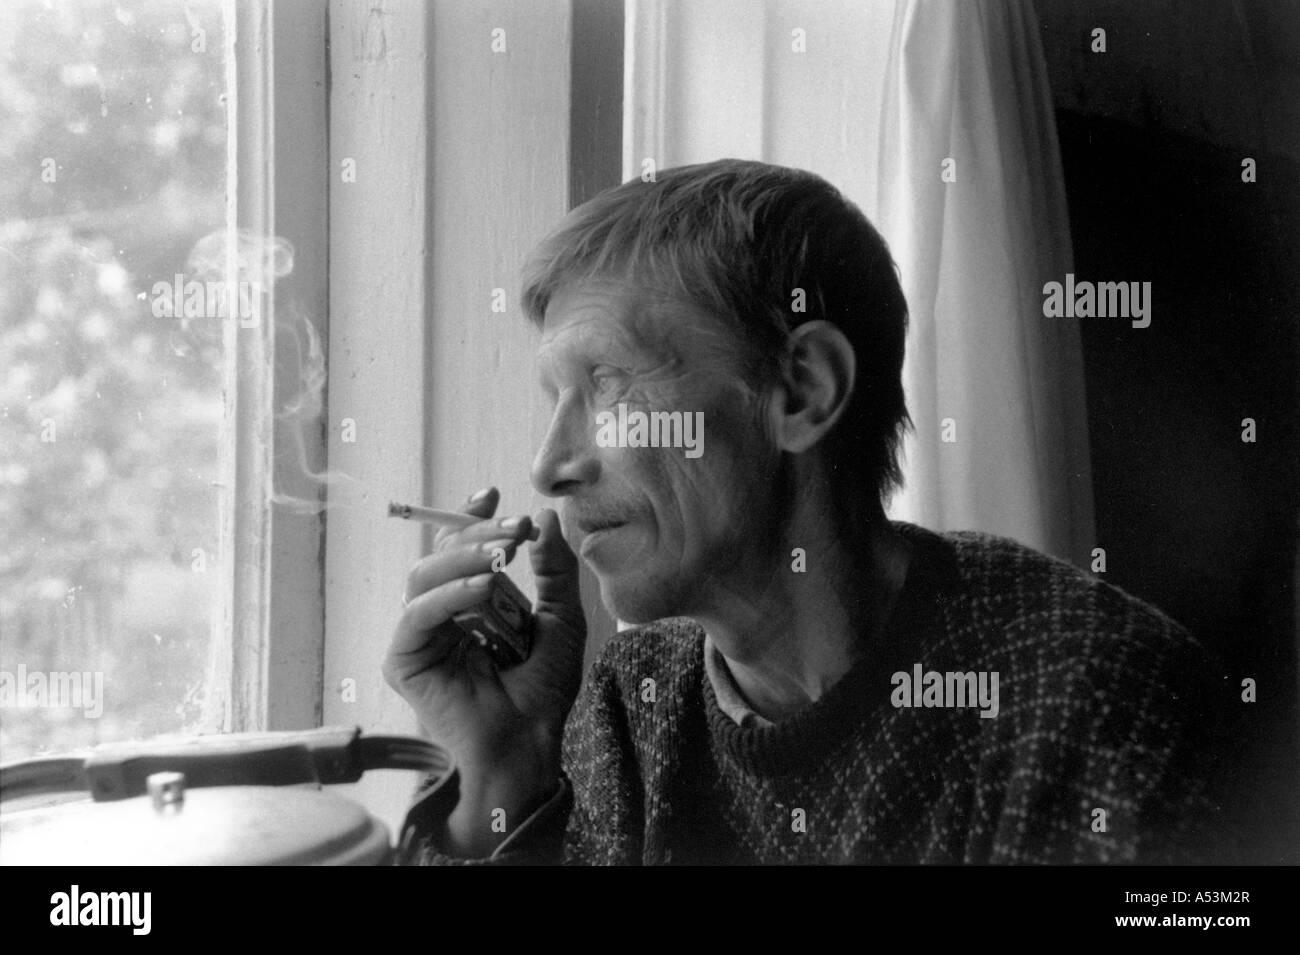 Painet ha1354 154 chômeurs stress noir et blanc travailleur du bois d'Petersburg Russie district au pays Photo Stock